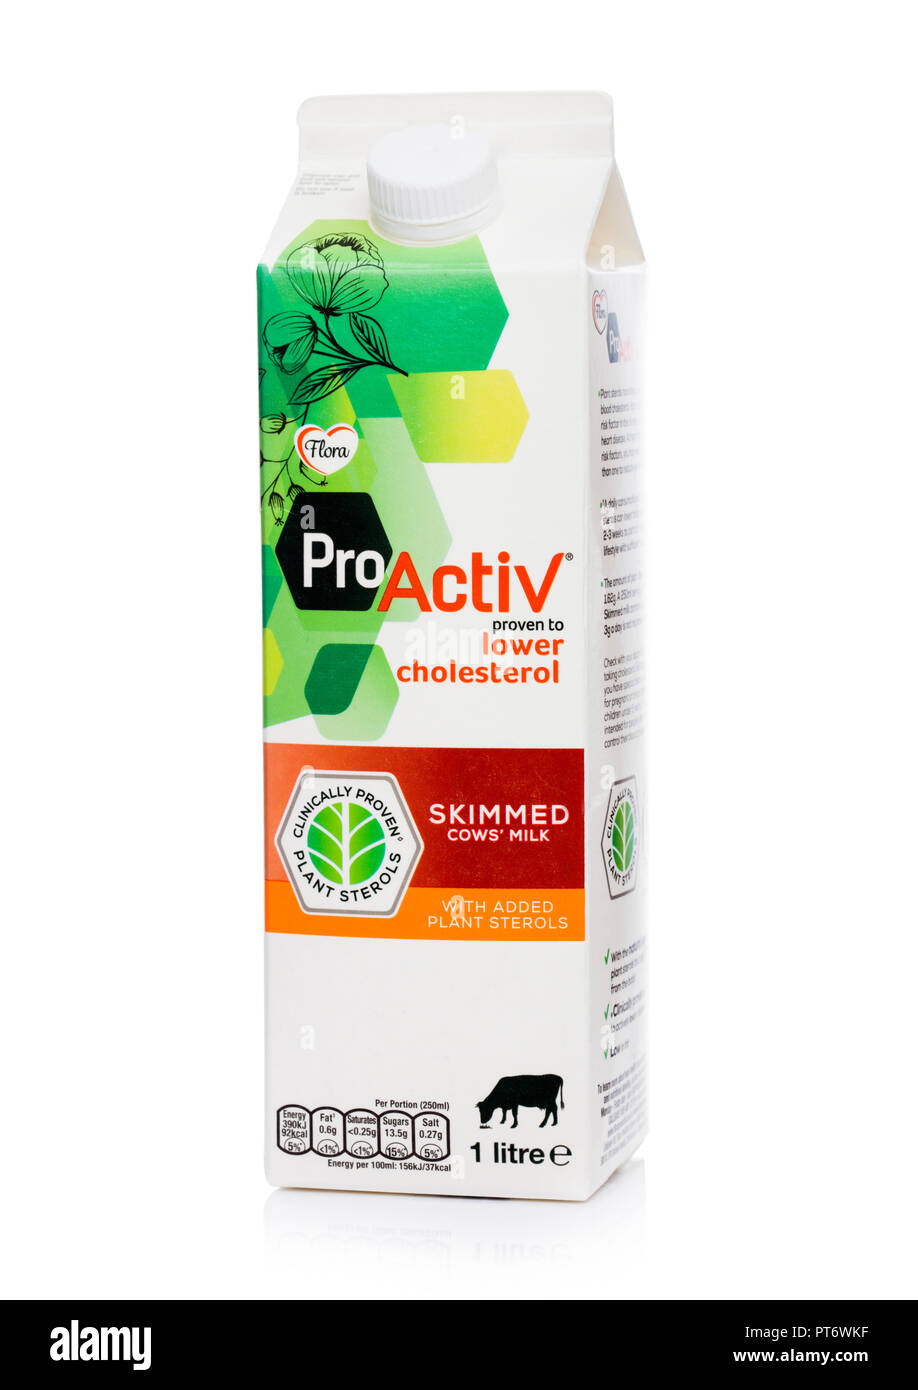 Londres, Royaume-Uni - Octobre 05, 2018: Pack de lait écrémé Flore Pro Activ Cholestérol faible sur blanc. Photo Stock